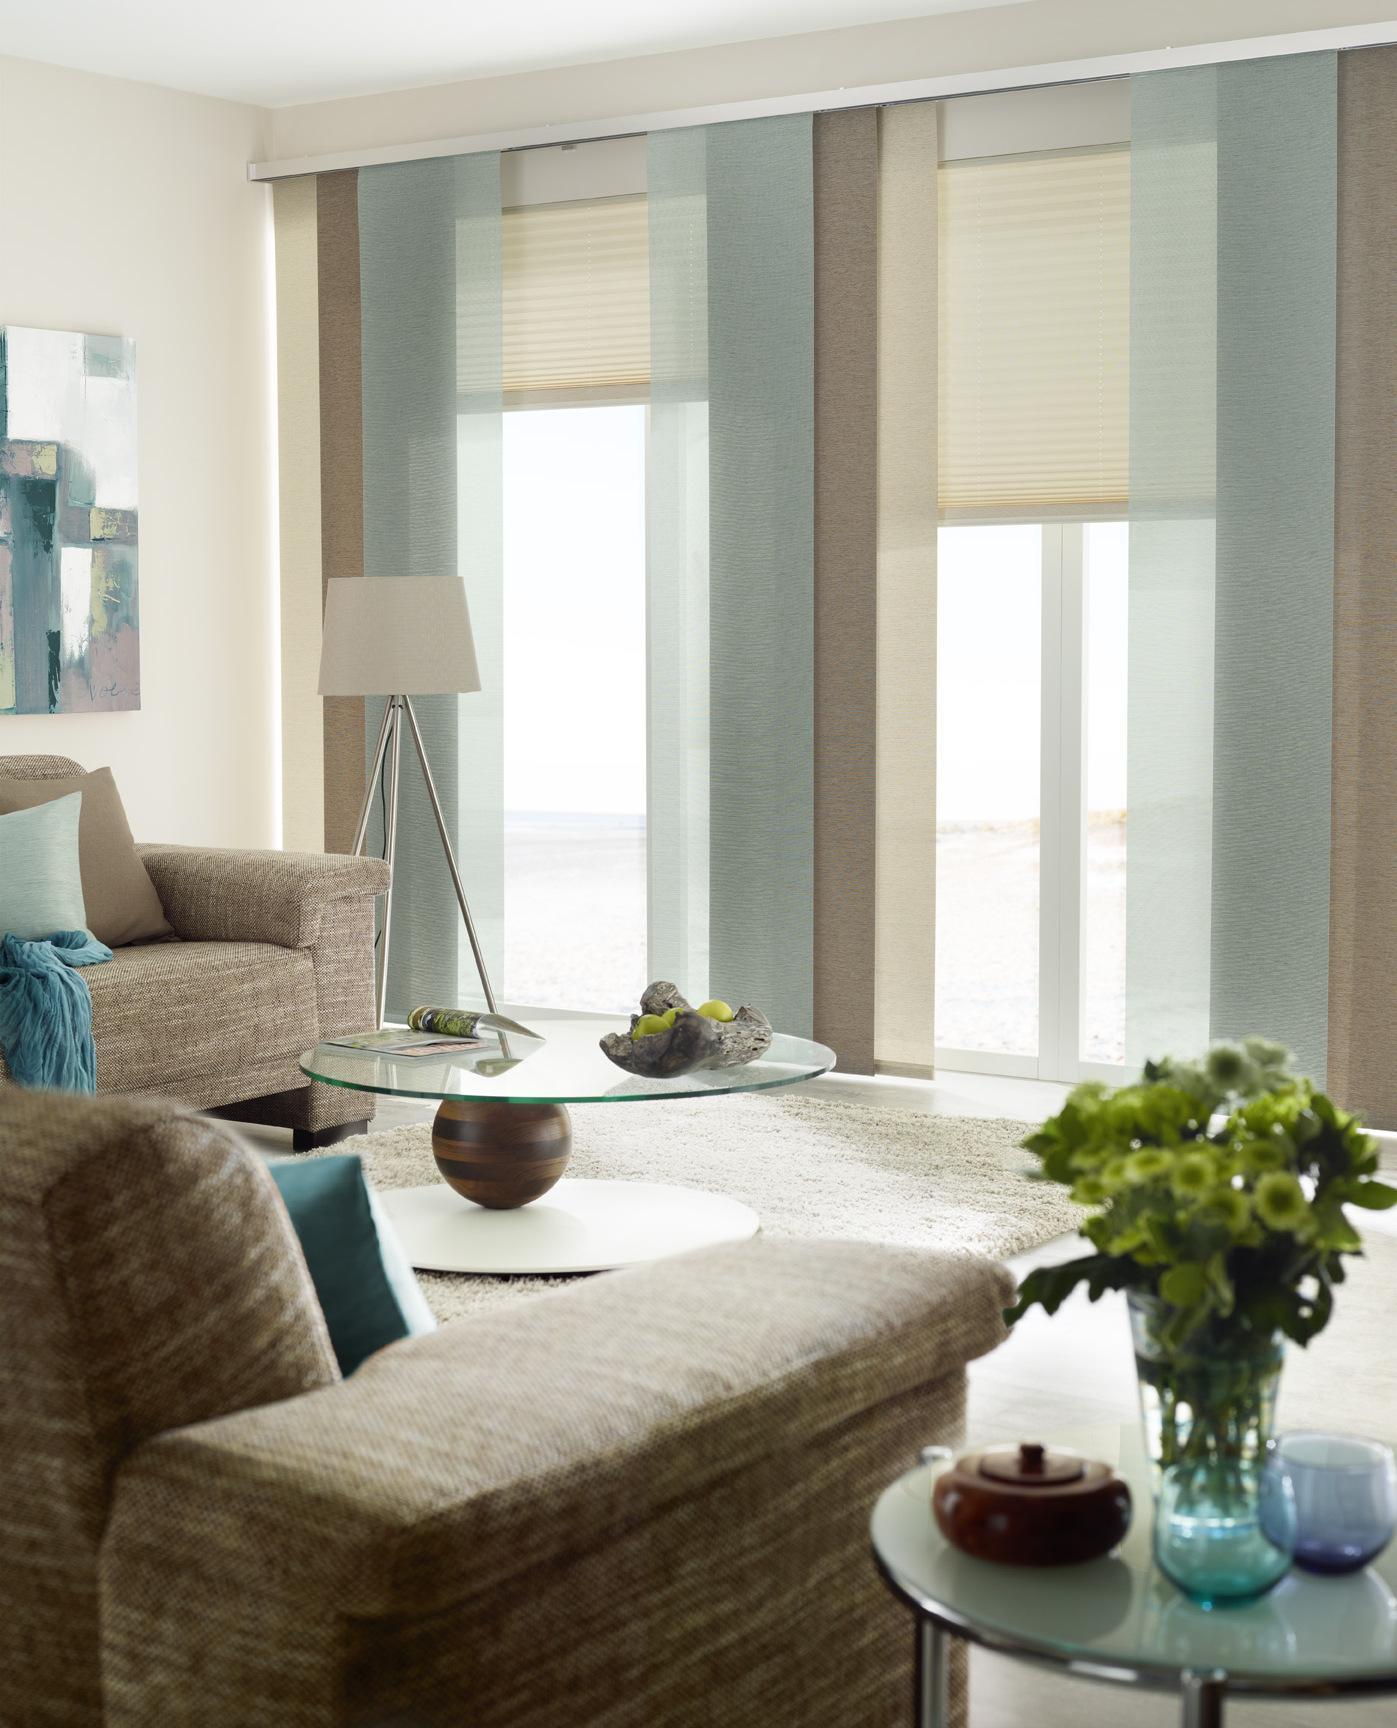 Wohnzimmer Schiebegardinen Mit Schals Kombinieren